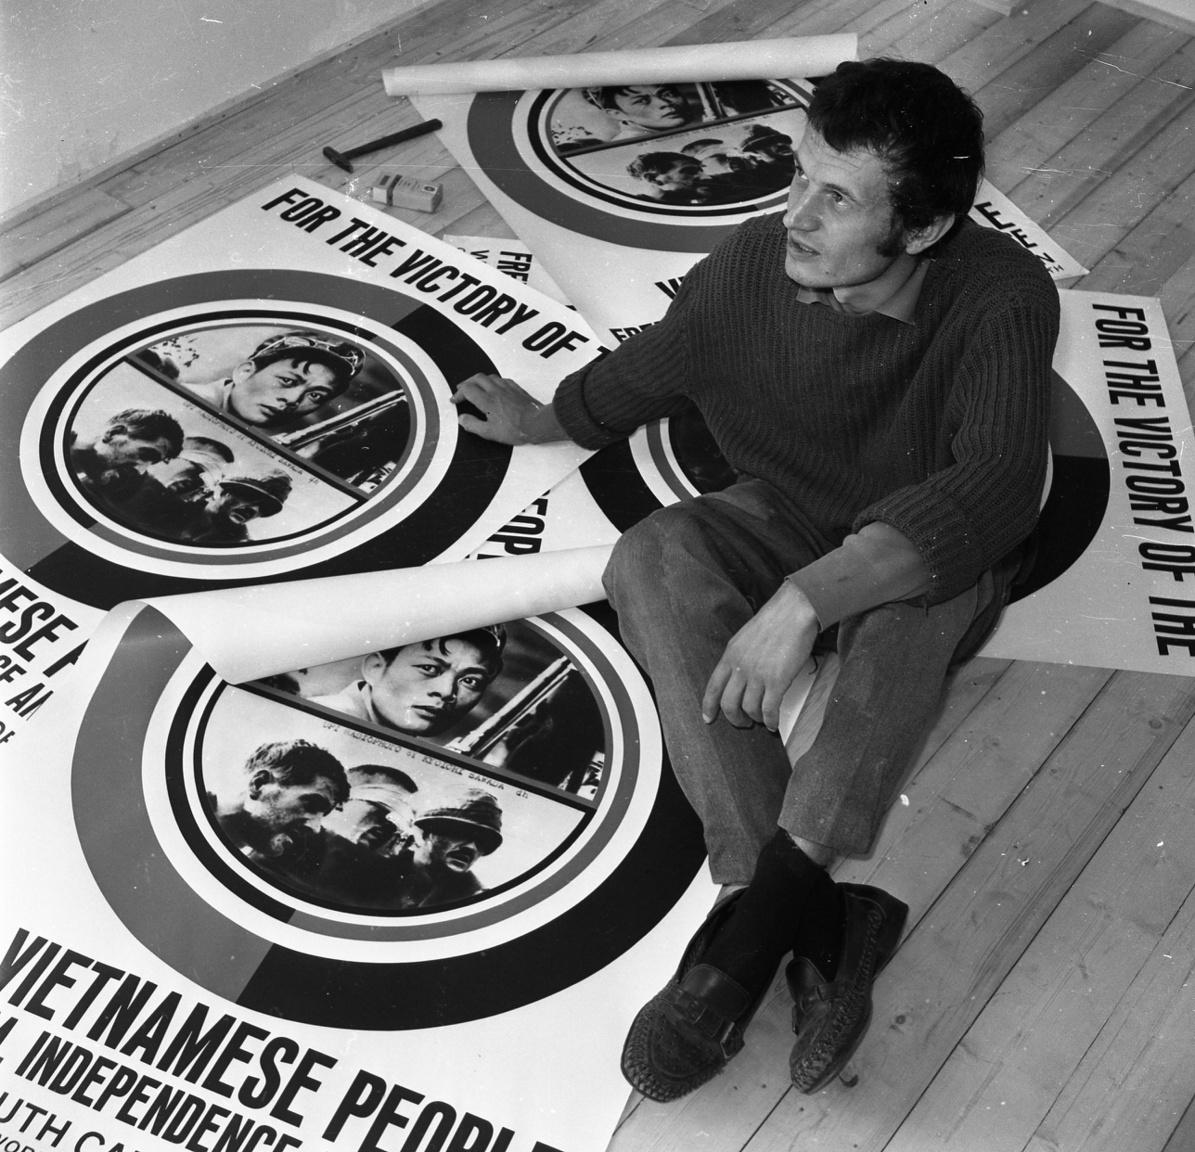 """Lukoviczky Endre a plakátok között, amelyek híressé tették őt, és ott voltak a helsinki ifjúsági világkongresszuson és párizsi tüntetők kezében. A hatvanas-hetvenes évek politikai mozgalmai hatással voltak Lukoviczkyre, úgy gondolta, nem lehet elzárkózni a politika elől annak, aki maradandót akar alkotni: """"ma mondani kell valamit."""""""